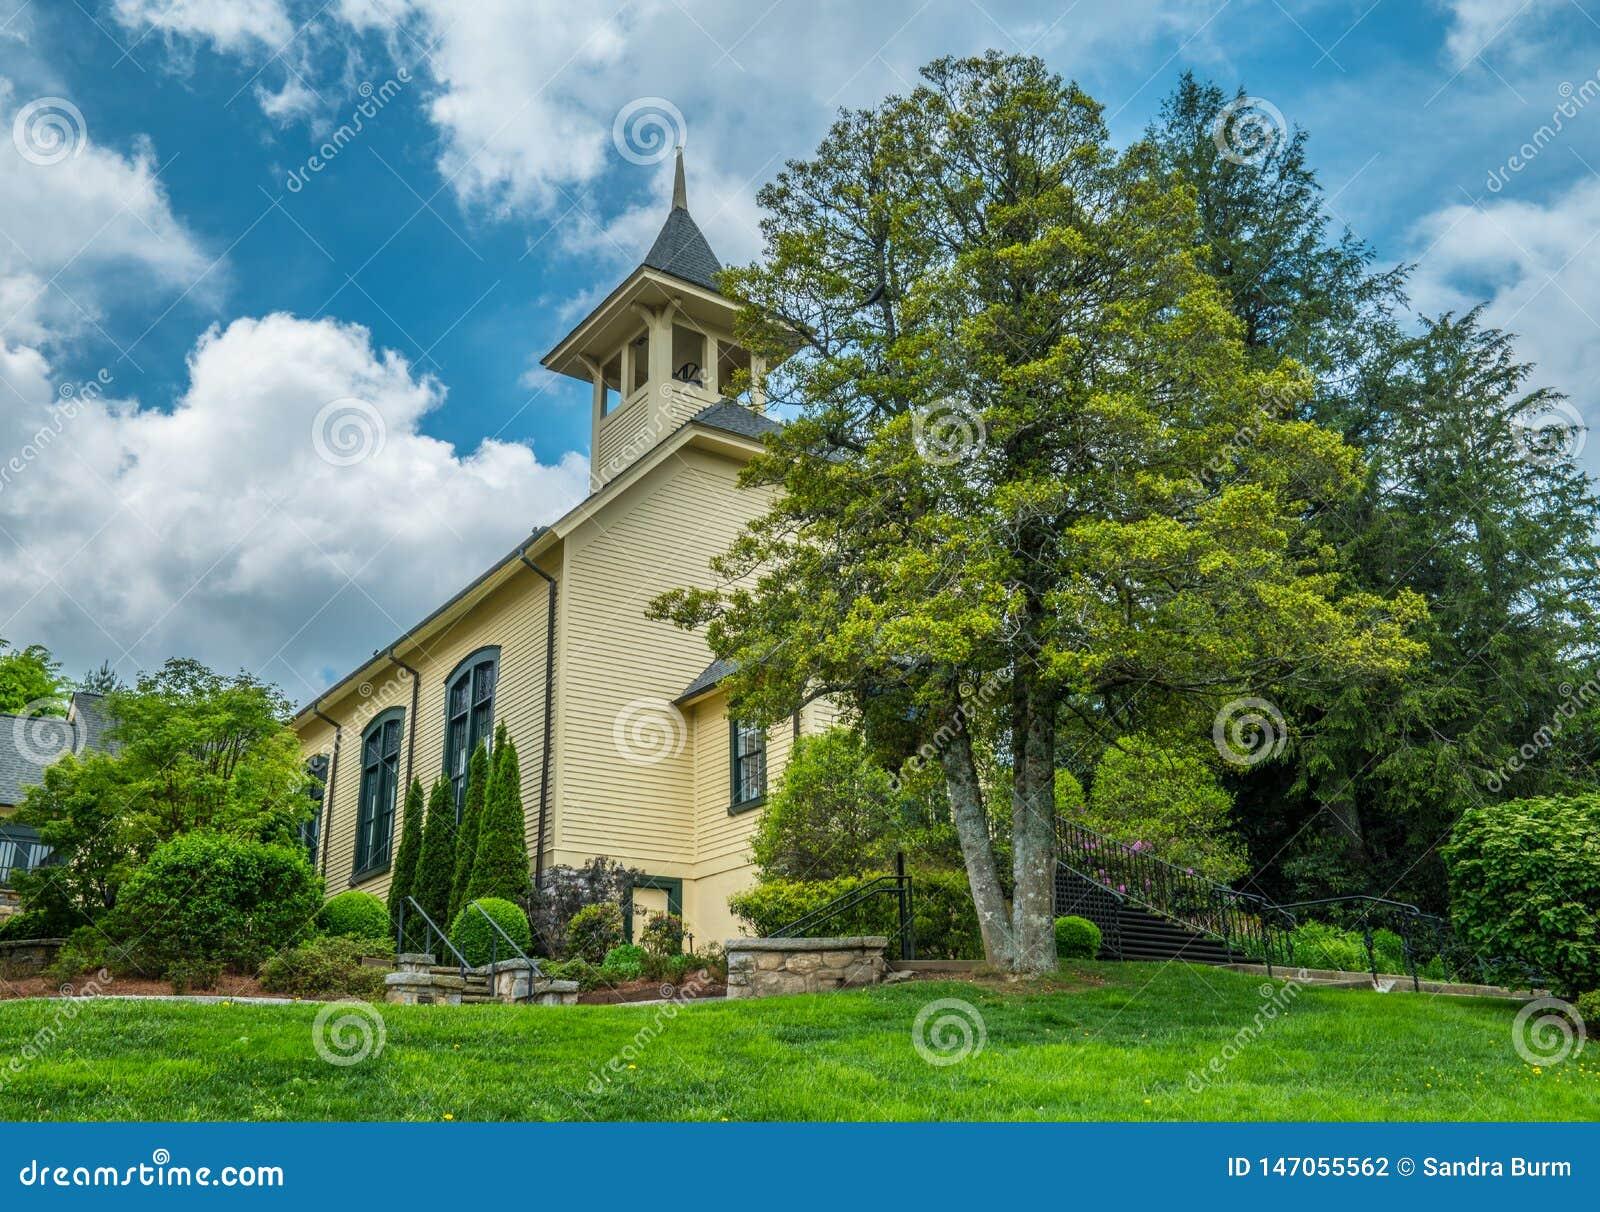 An old rural church